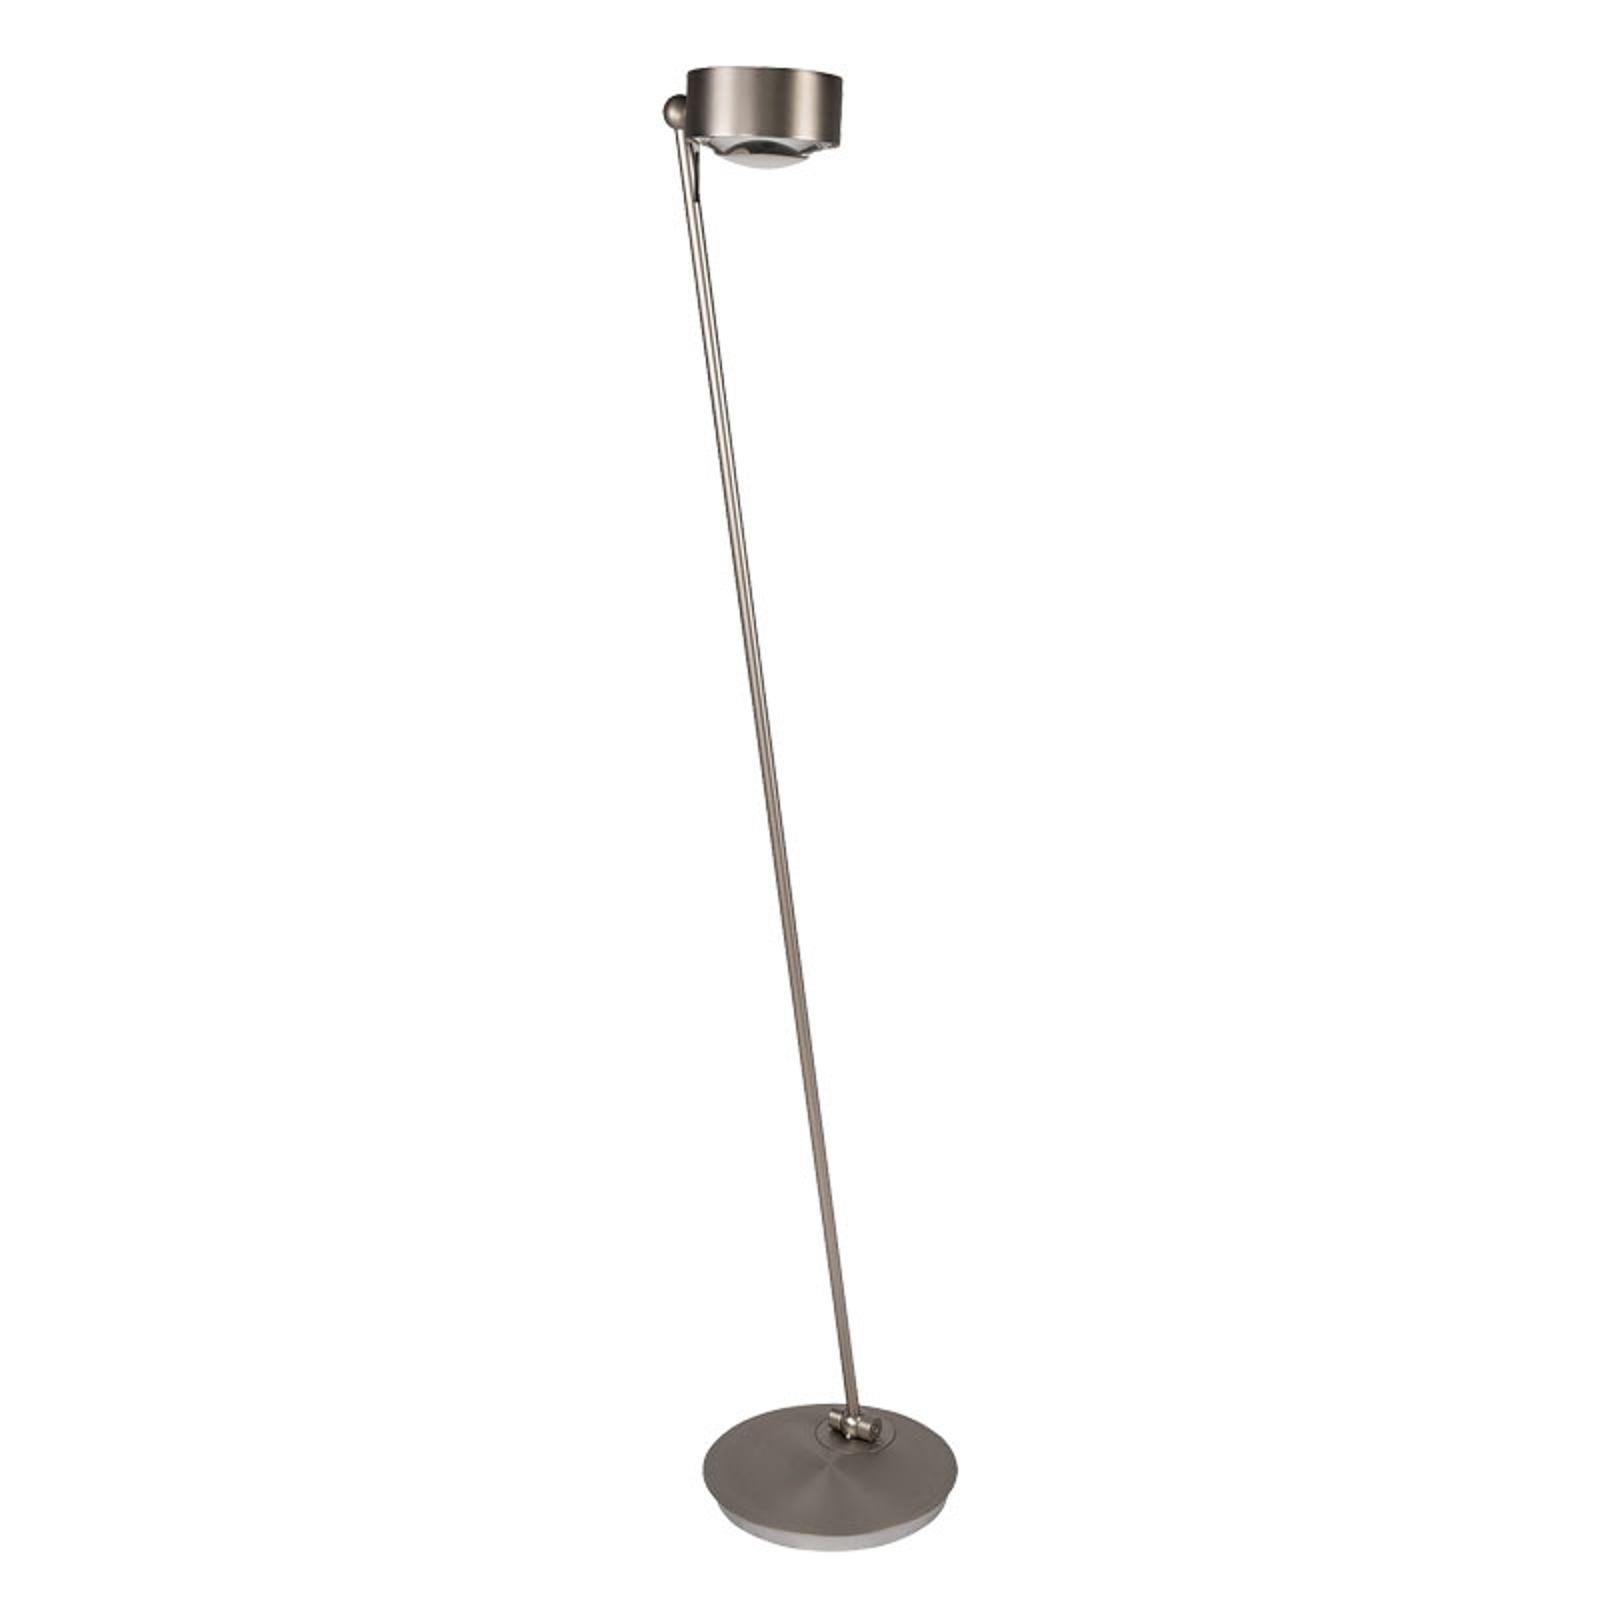 LED vloerlamp Puk Maxx Floor Mini, mat nikkel